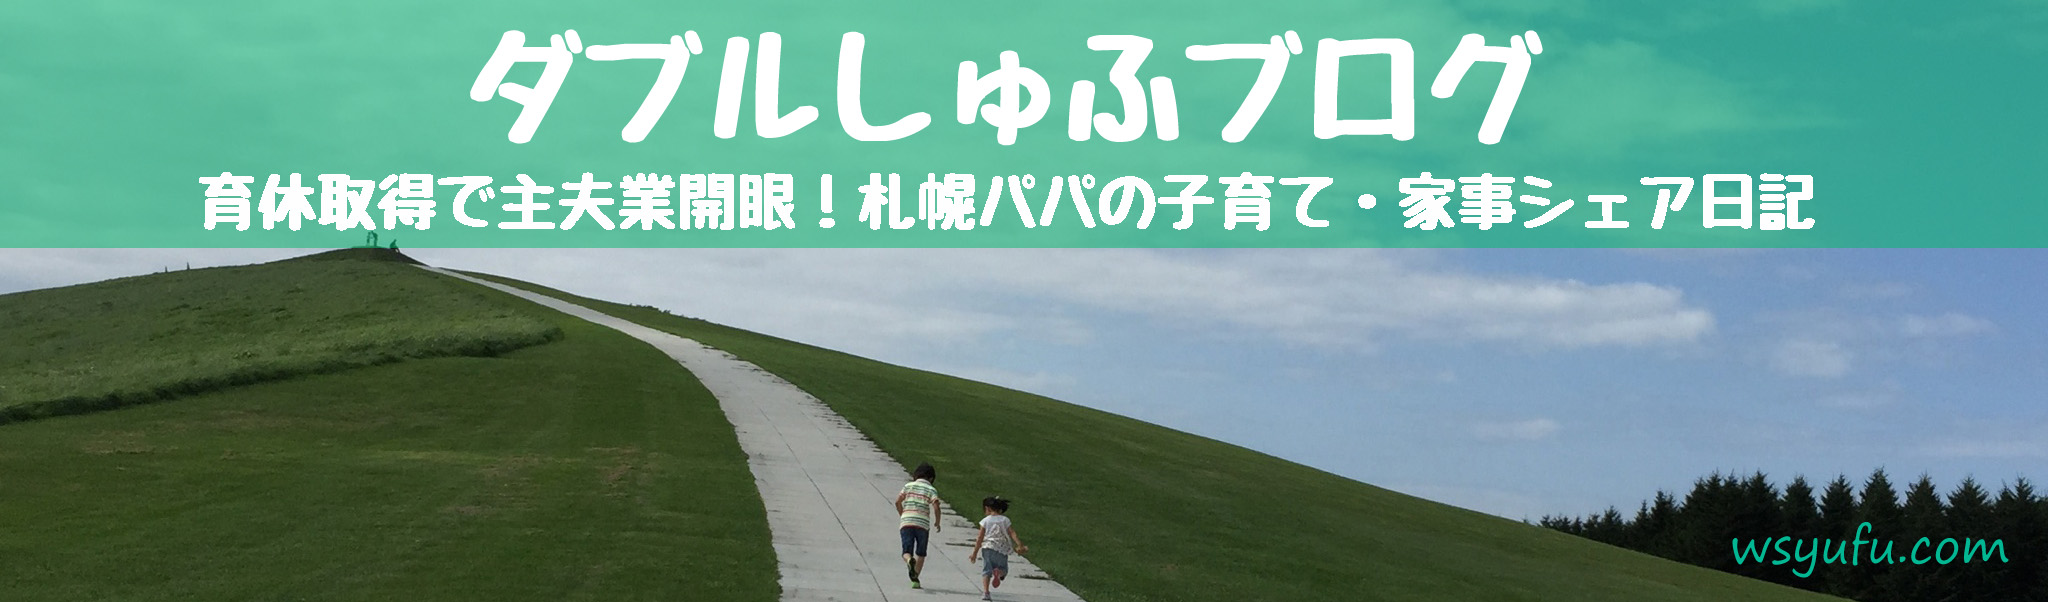 ダブルしゅふブログ|育休取得で主夫開眼!札幌子育て&家事シェア日記